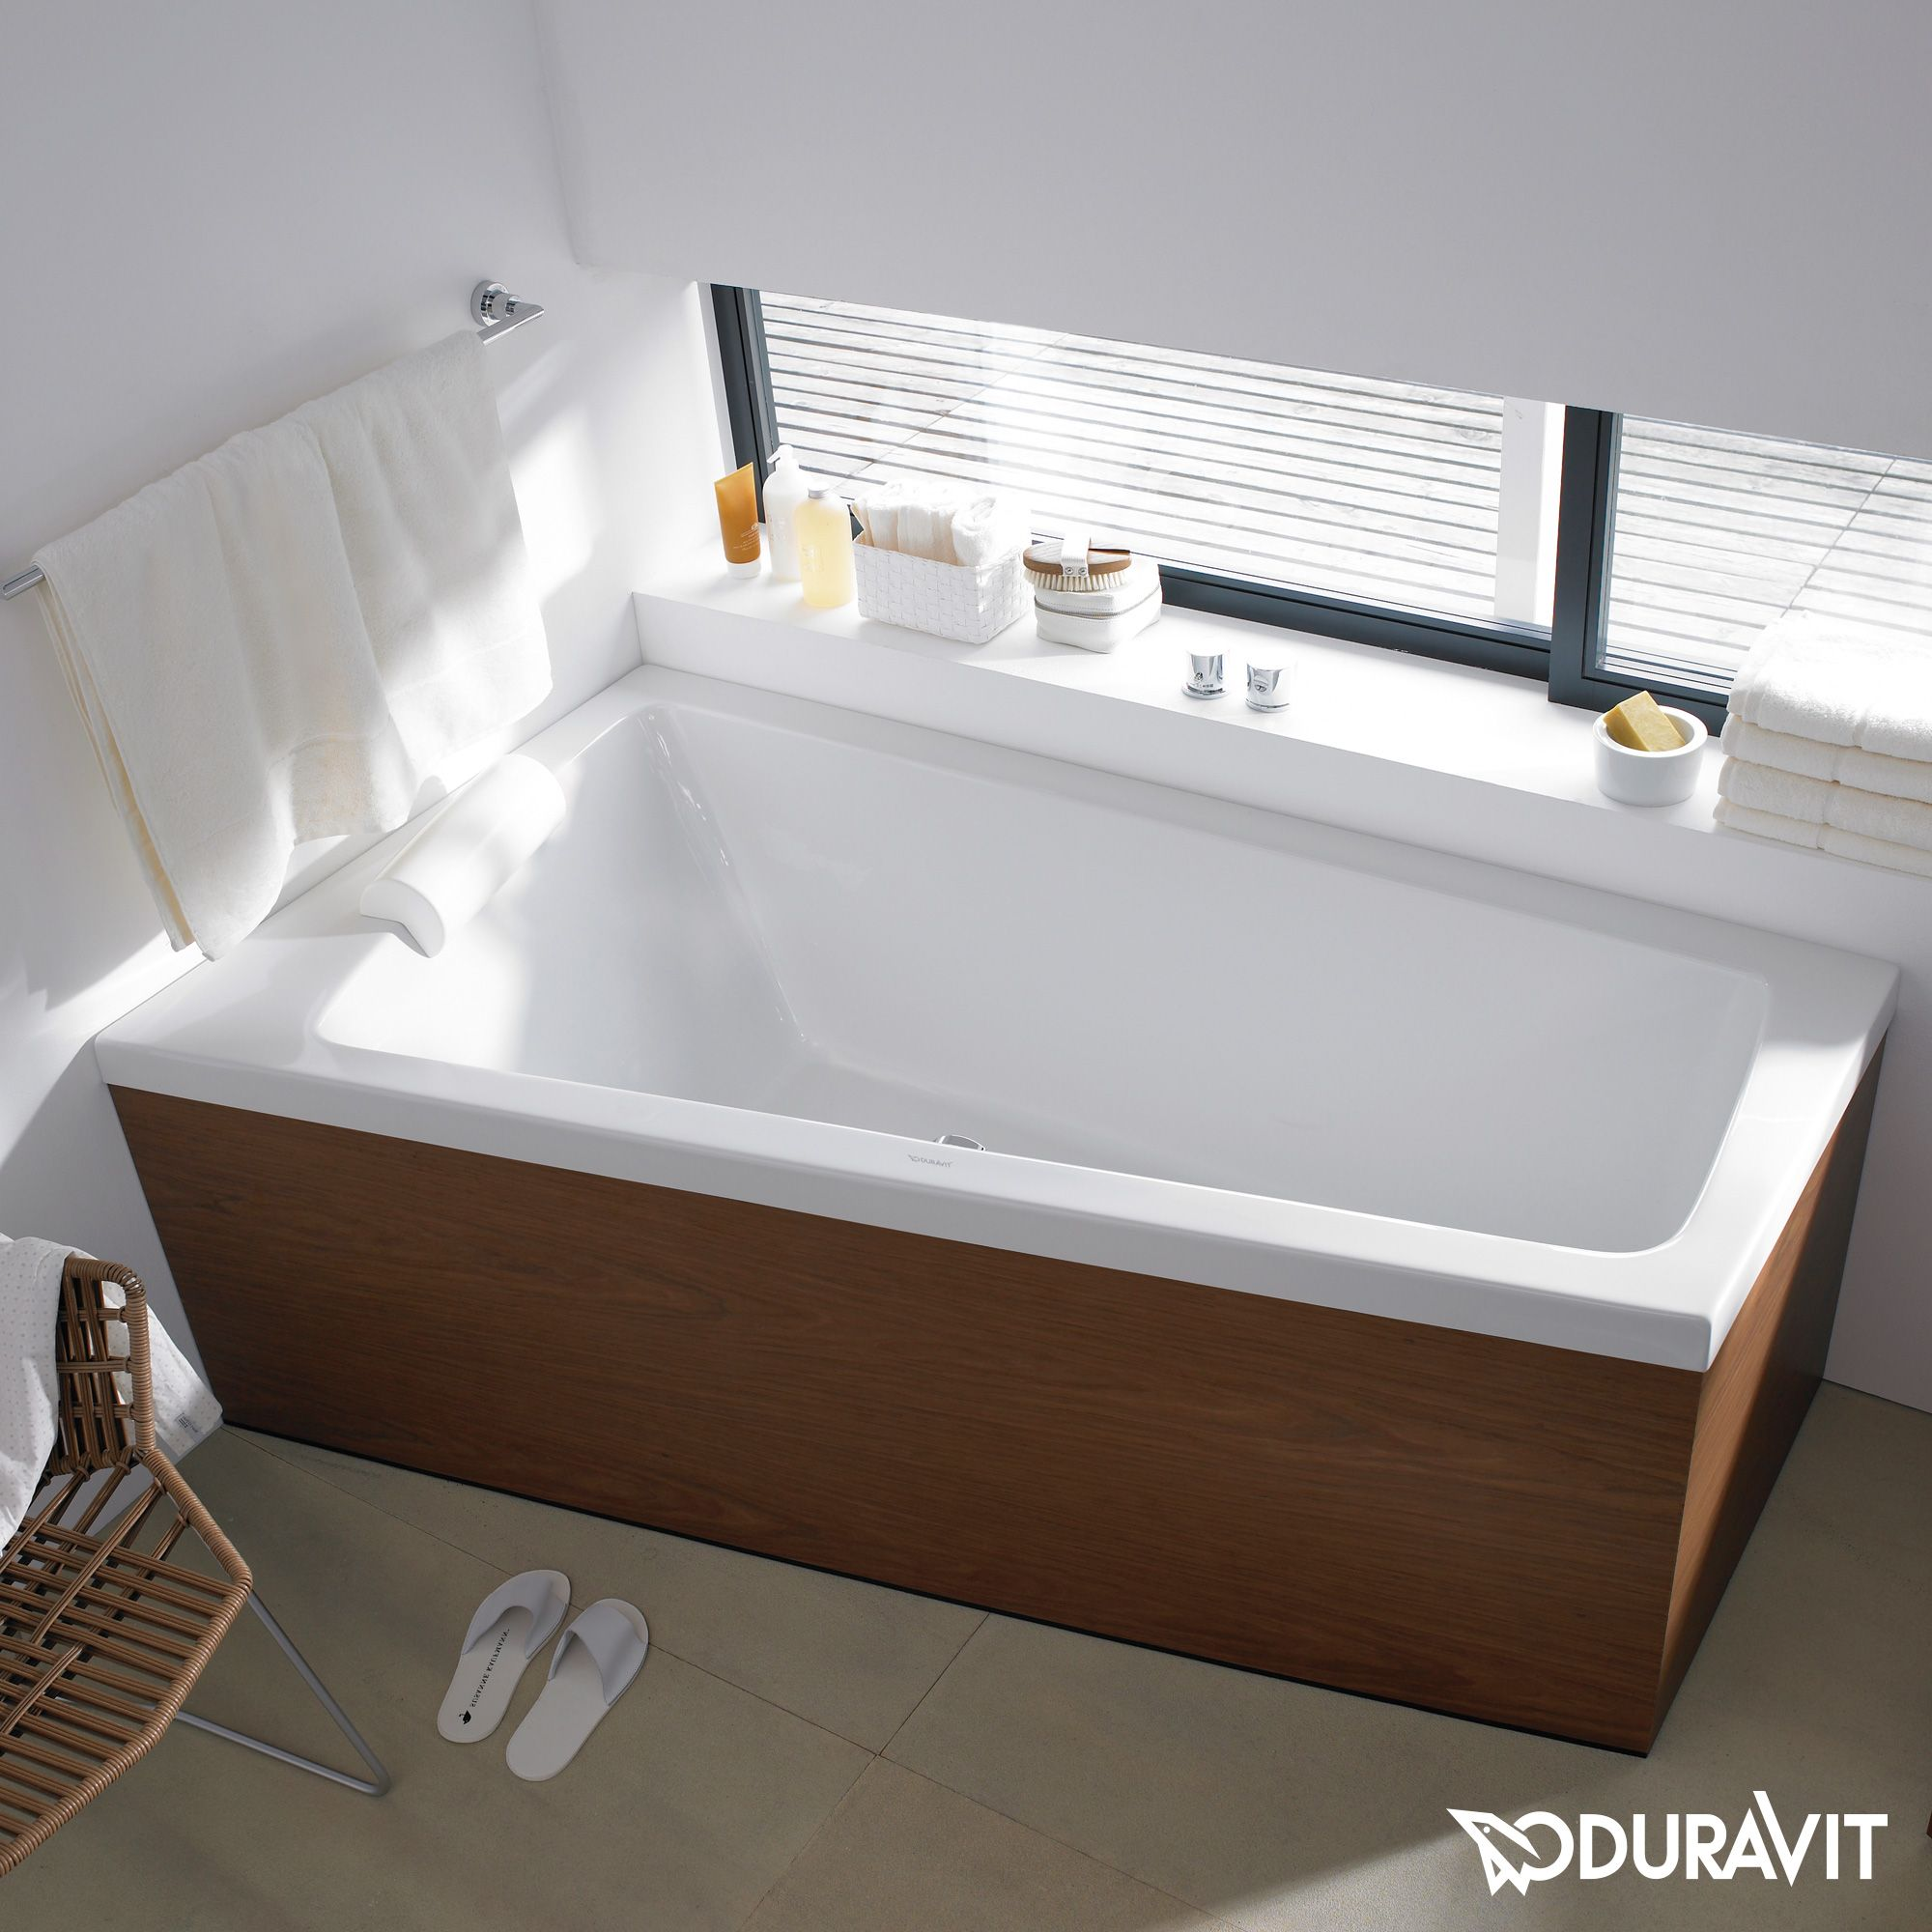 Badezimmer ideen mit wanne duravit paiova badewanne ecke links einbauversion  bad  pinterest